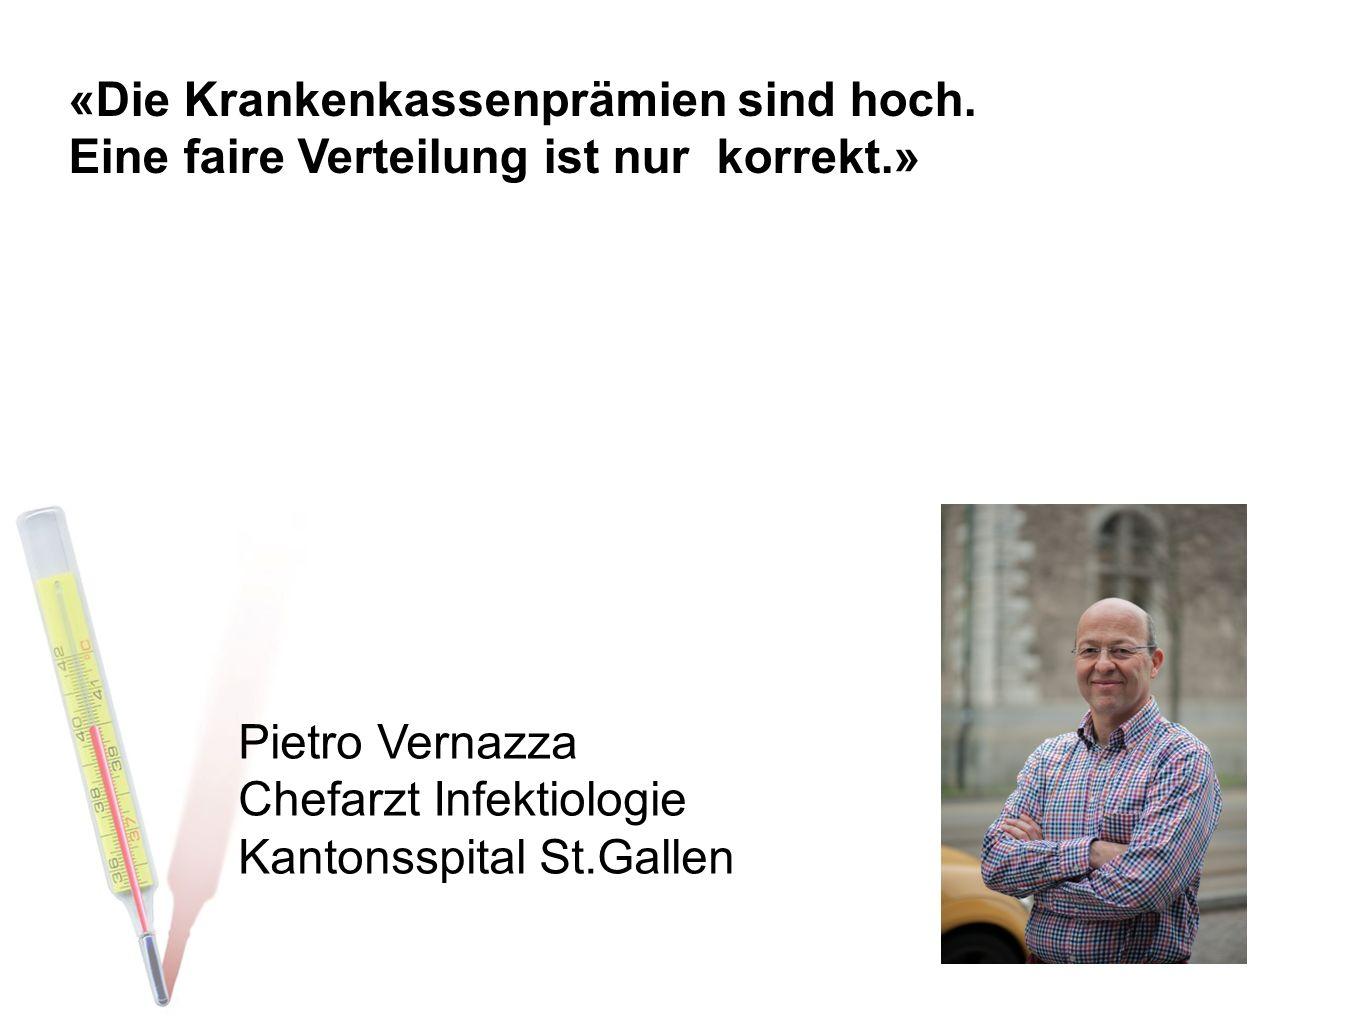 Pietro Vernazza Chefarzt Infektiologie Kantonsspital St.Gallen